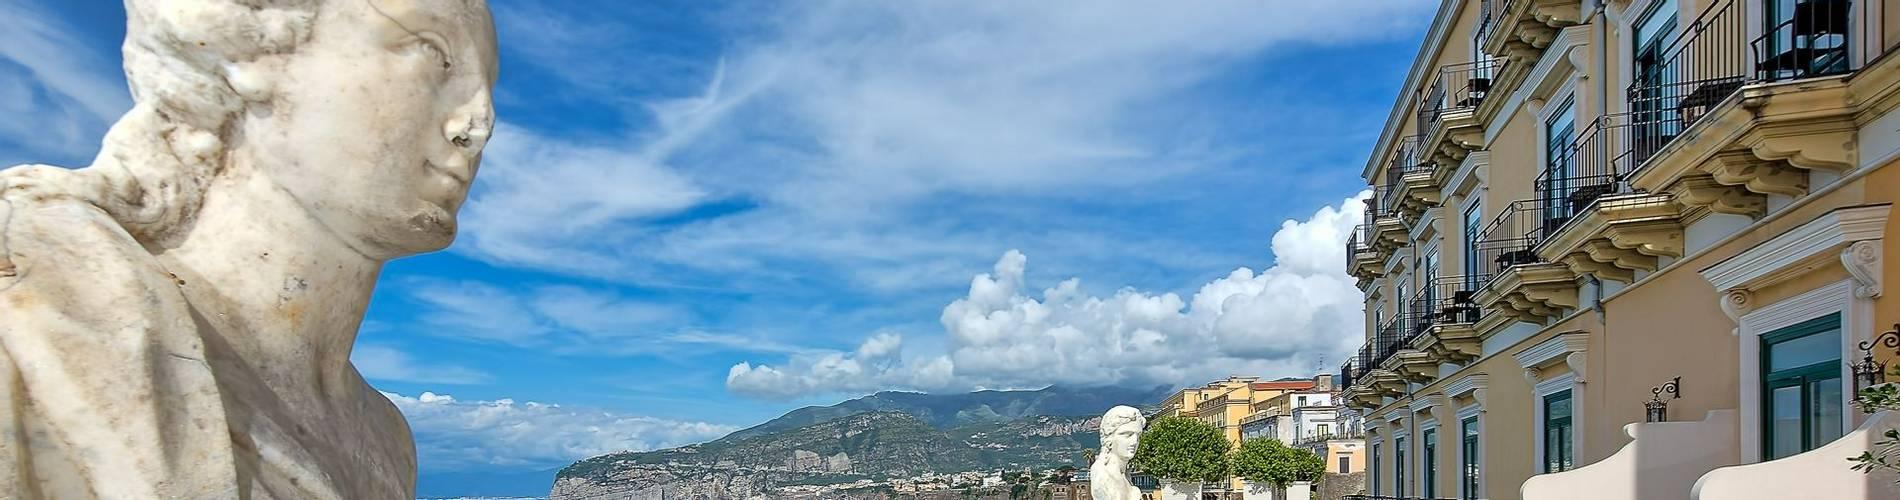 Bellevue Syrene, Sorrento, Italy (45).jpg